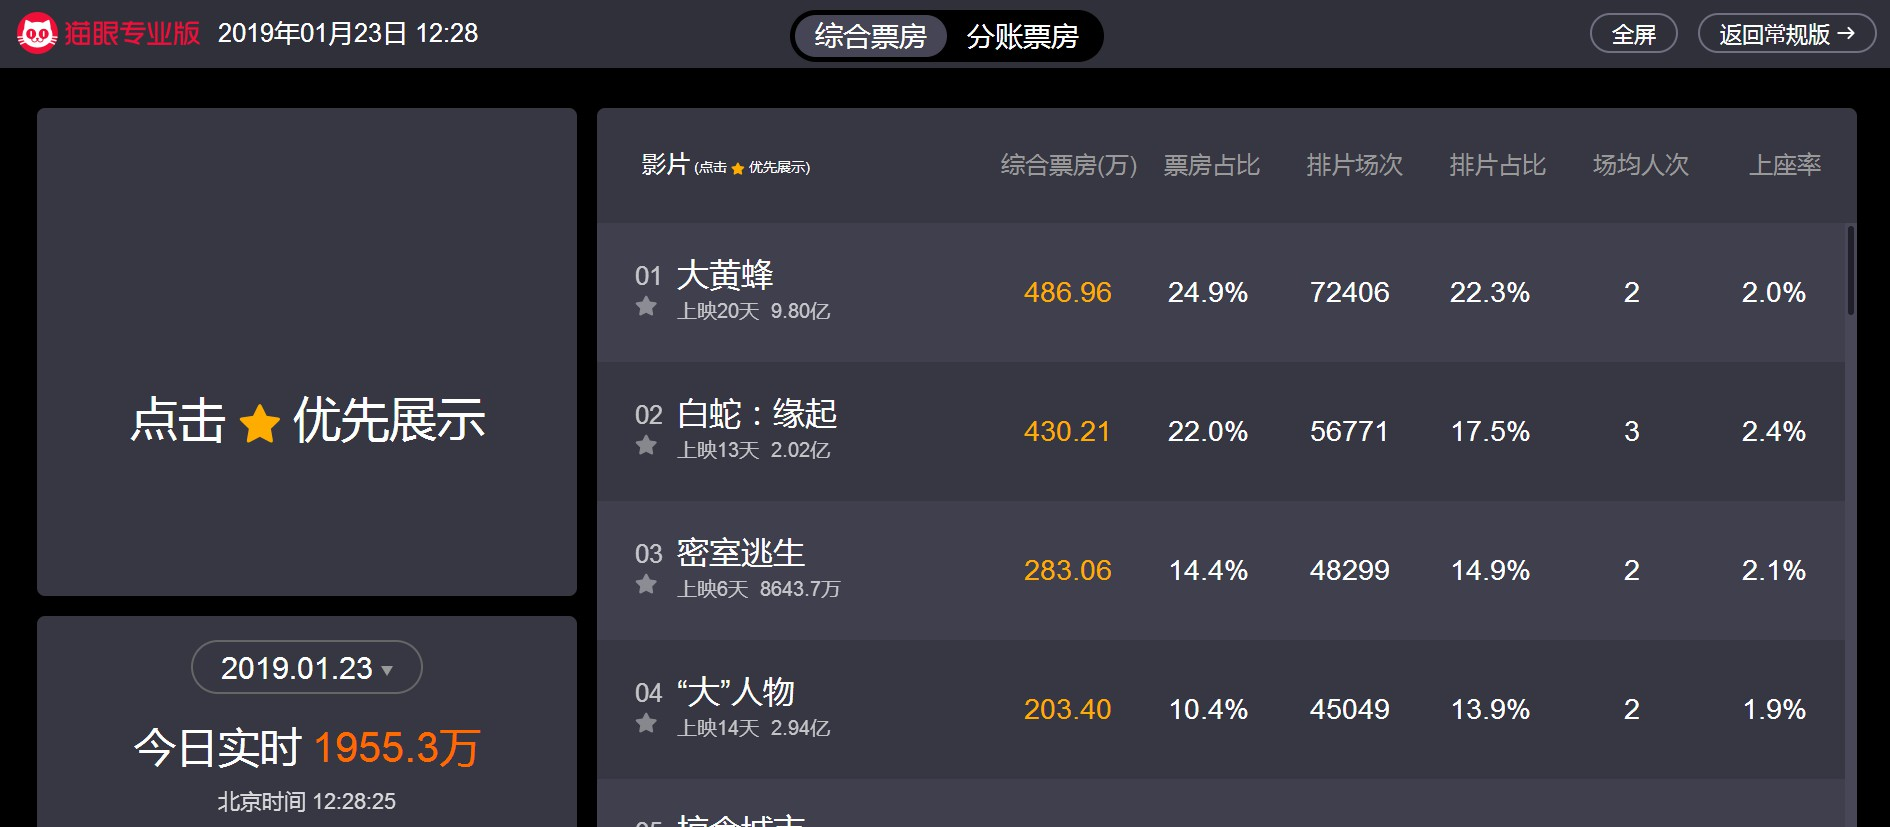 中美合拍《白蛇:缘起》票房破两亿 期待更大突破